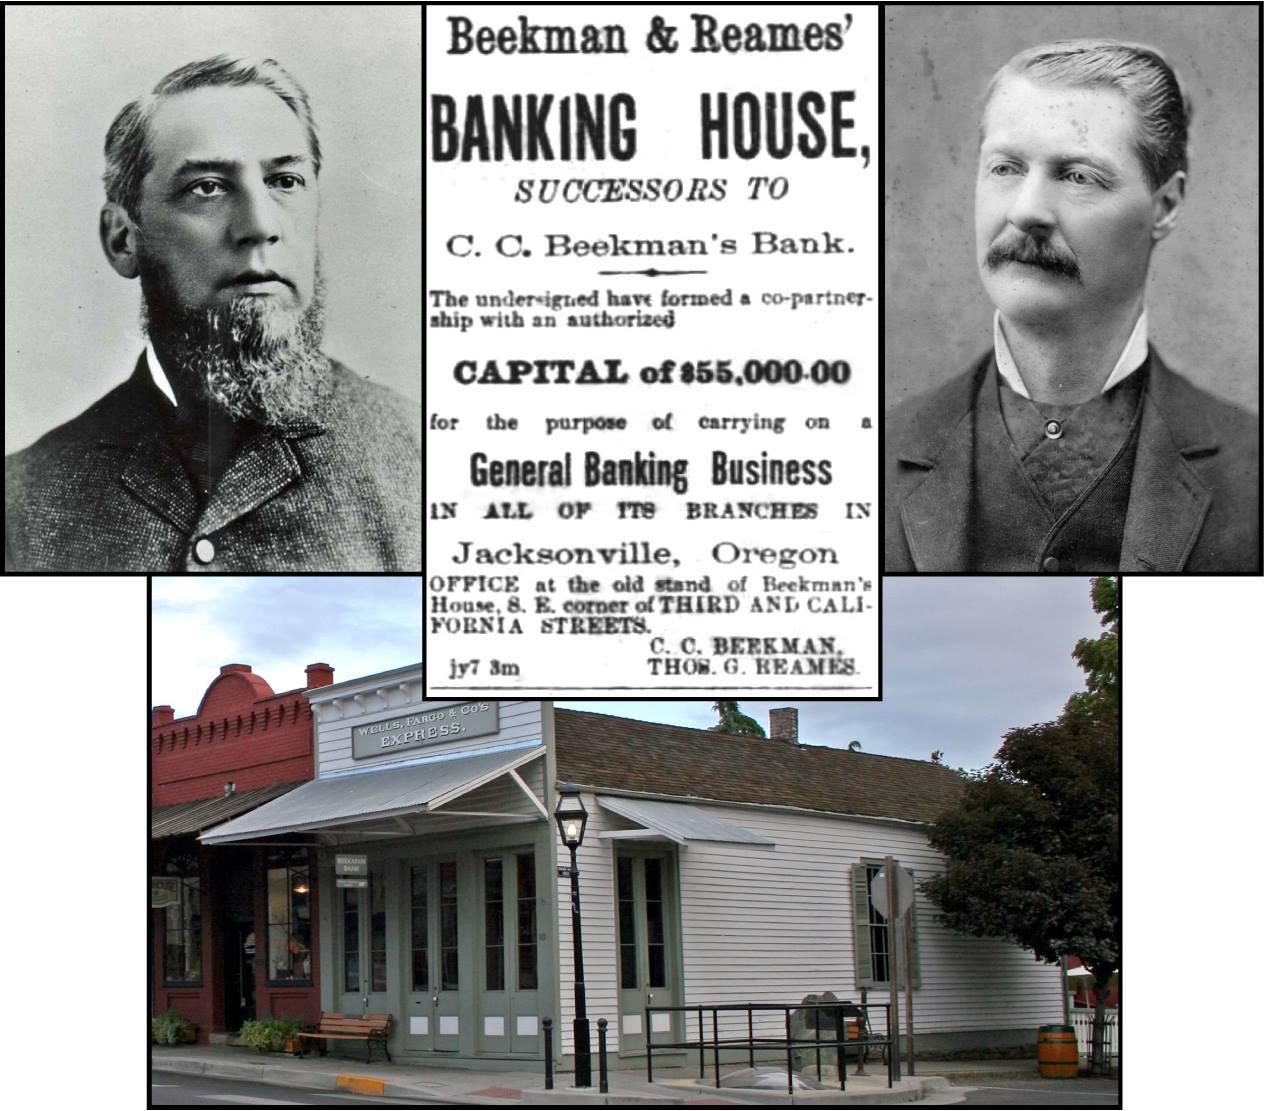 beekman-reames-bank